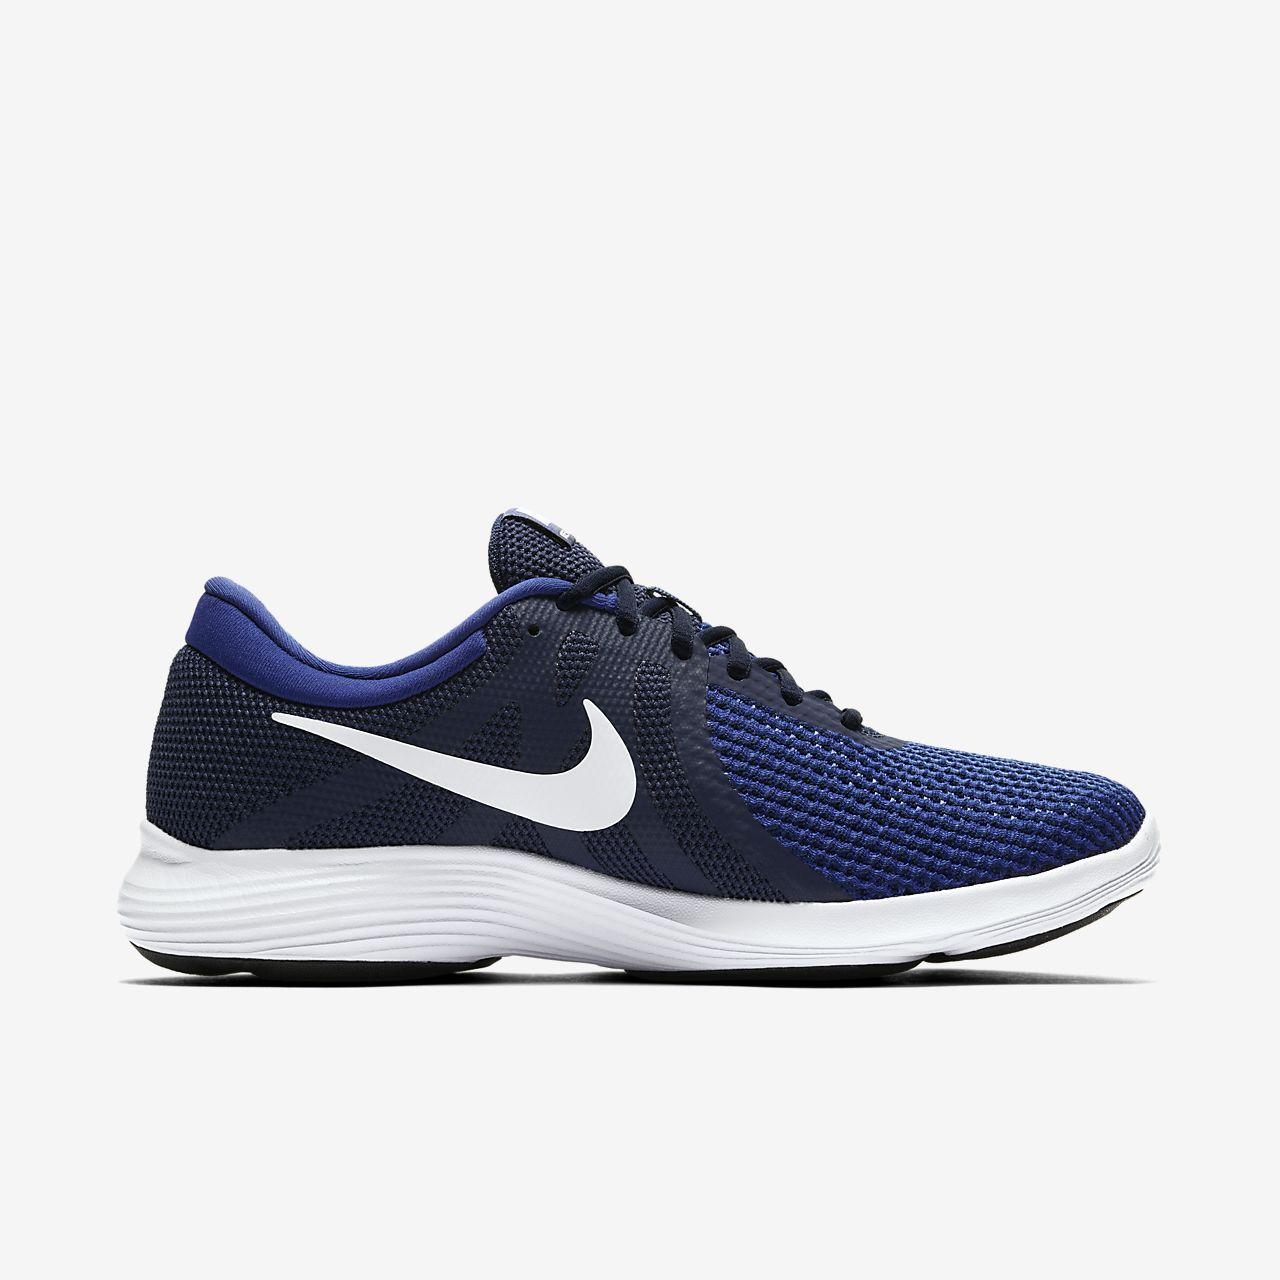 e764dfed7ff5 Men s Nike Revolution 4 Running Shoe (EU). Nike.com PT